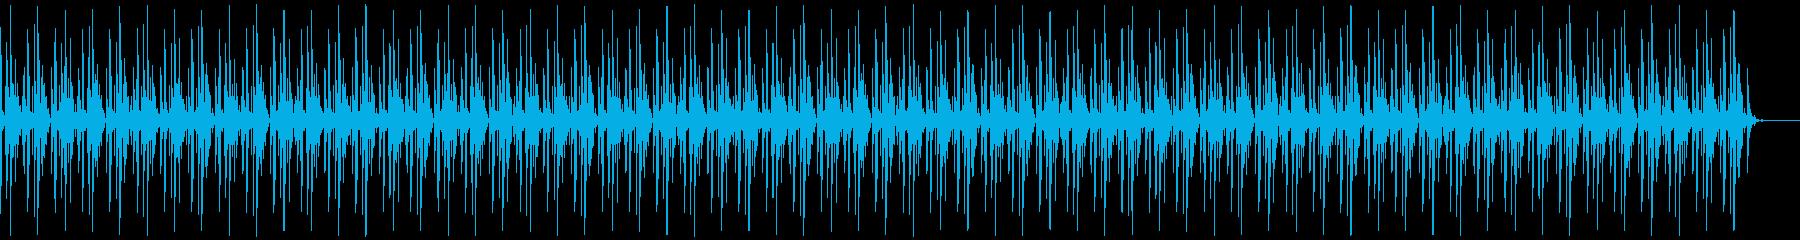 [ニュース報道]無機質:フラット:03の再生済みの波形